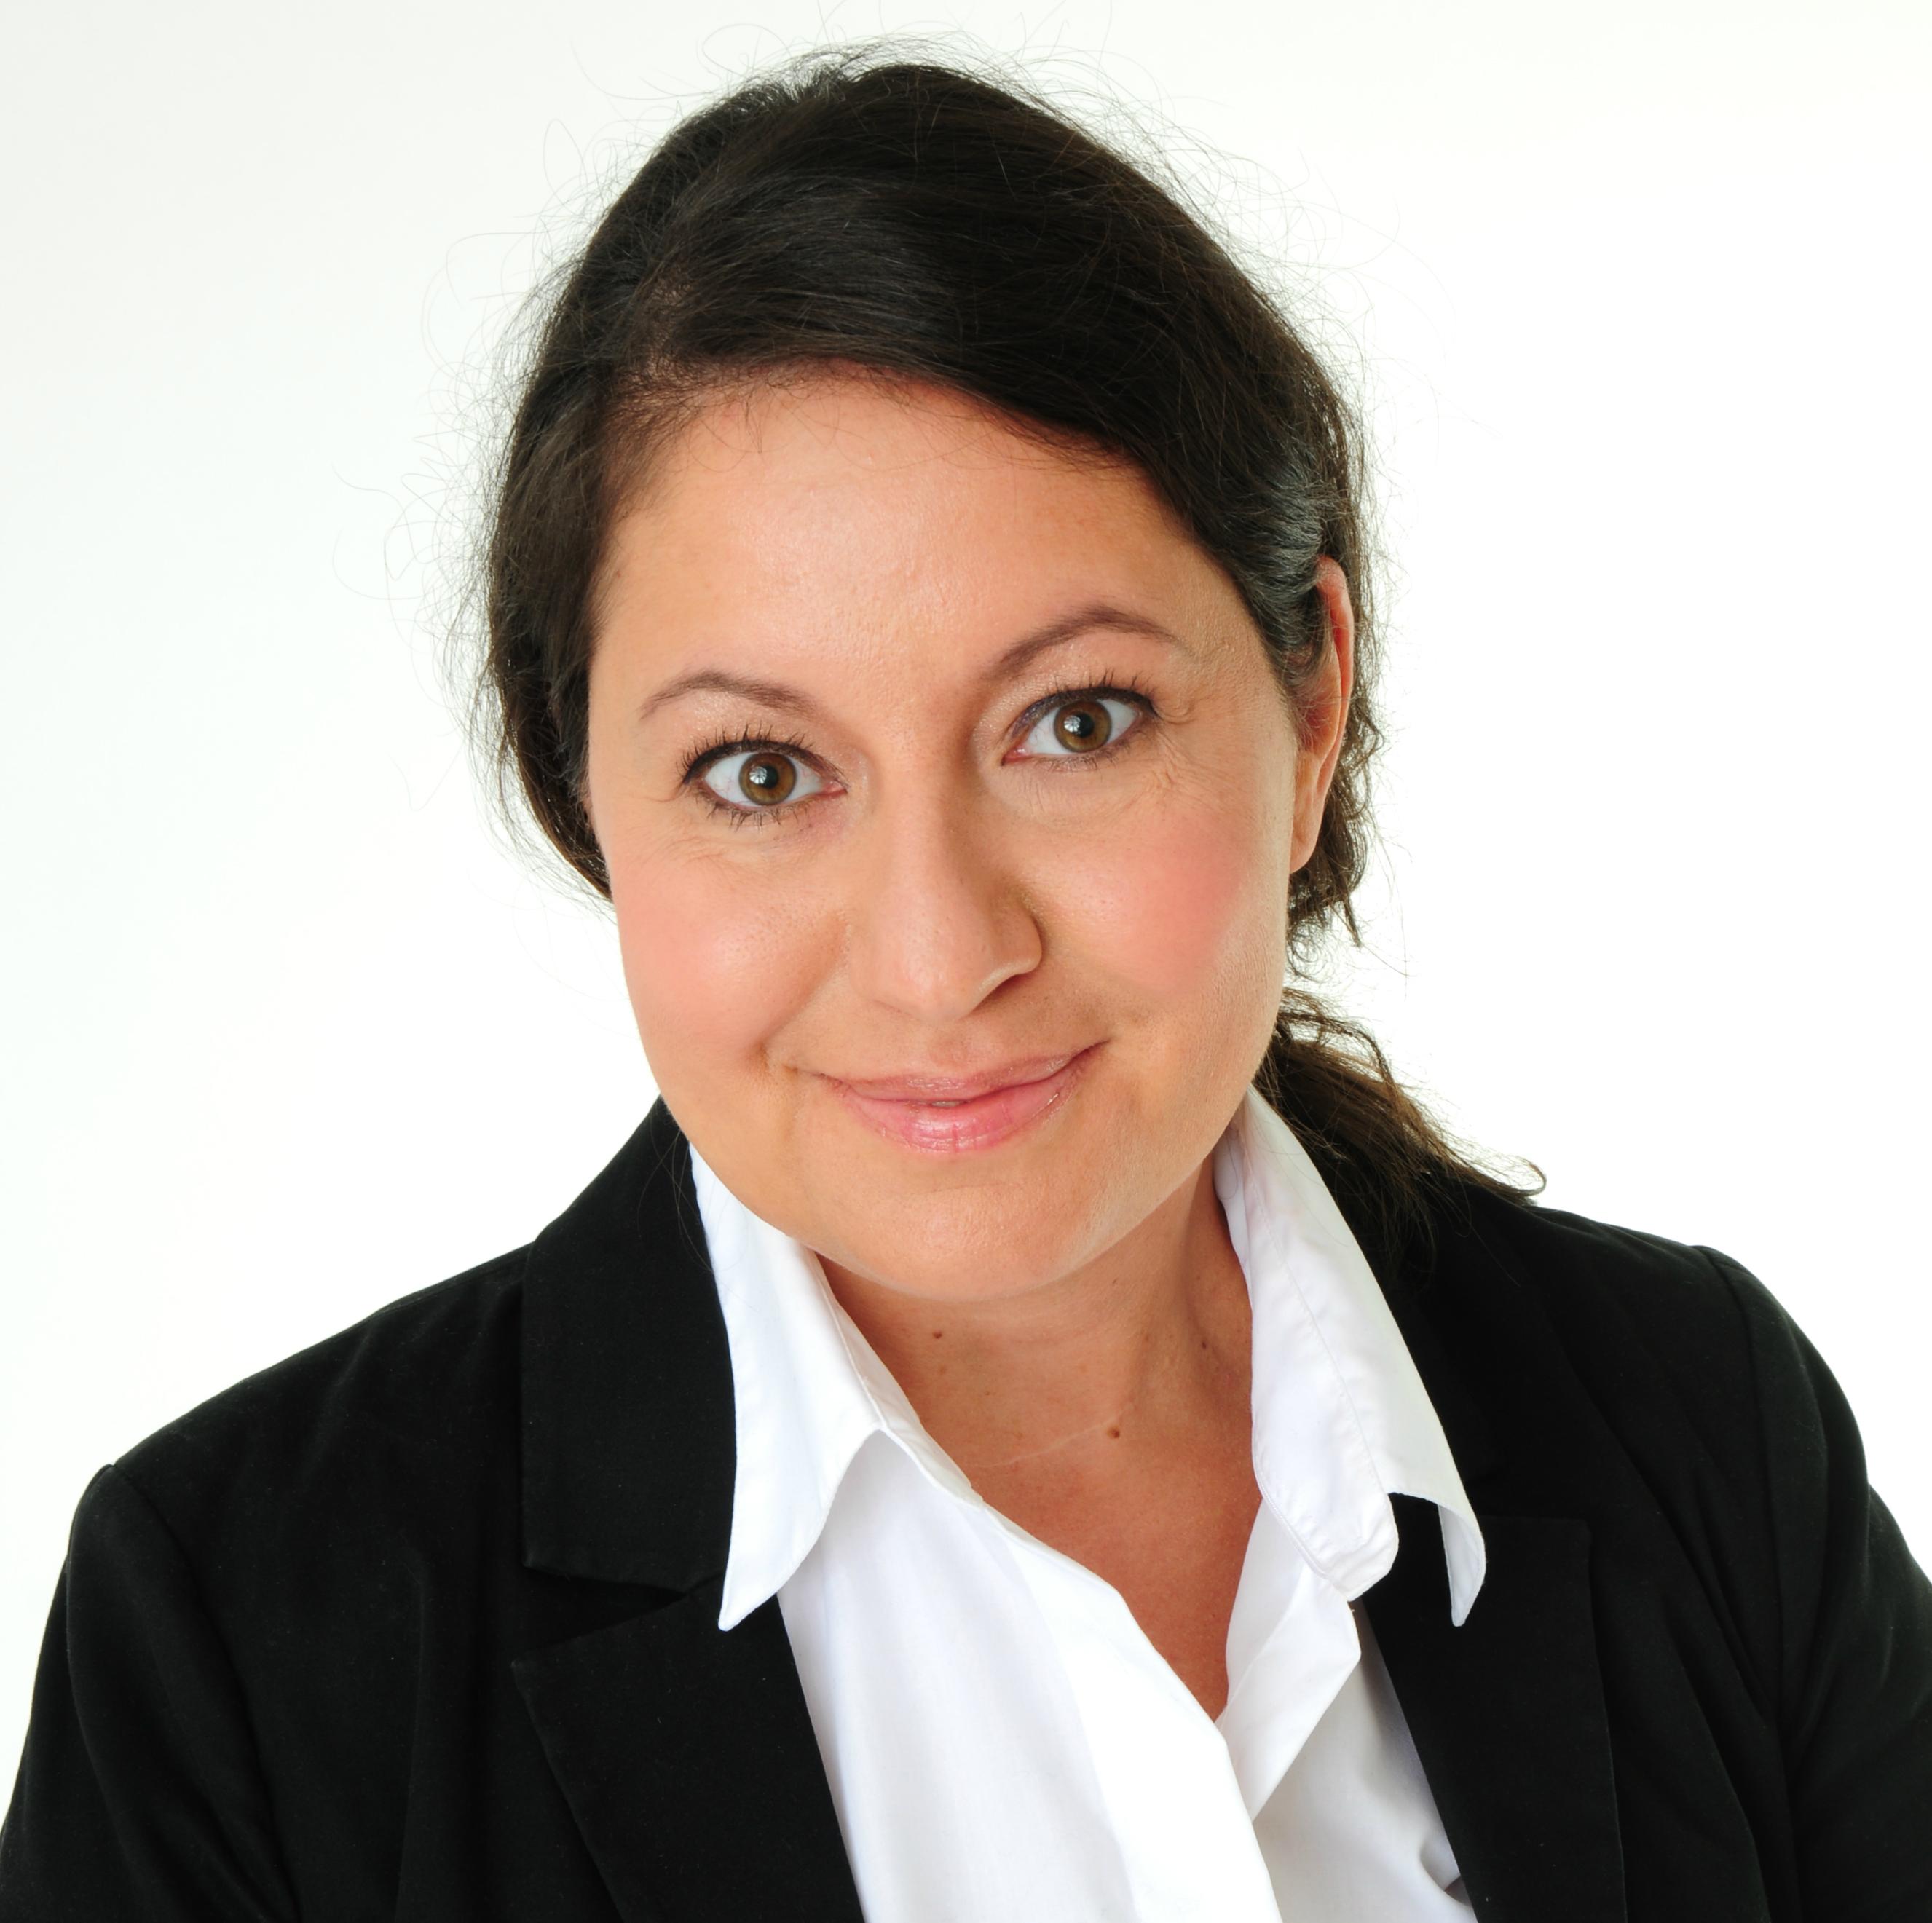 Simone-Bauer